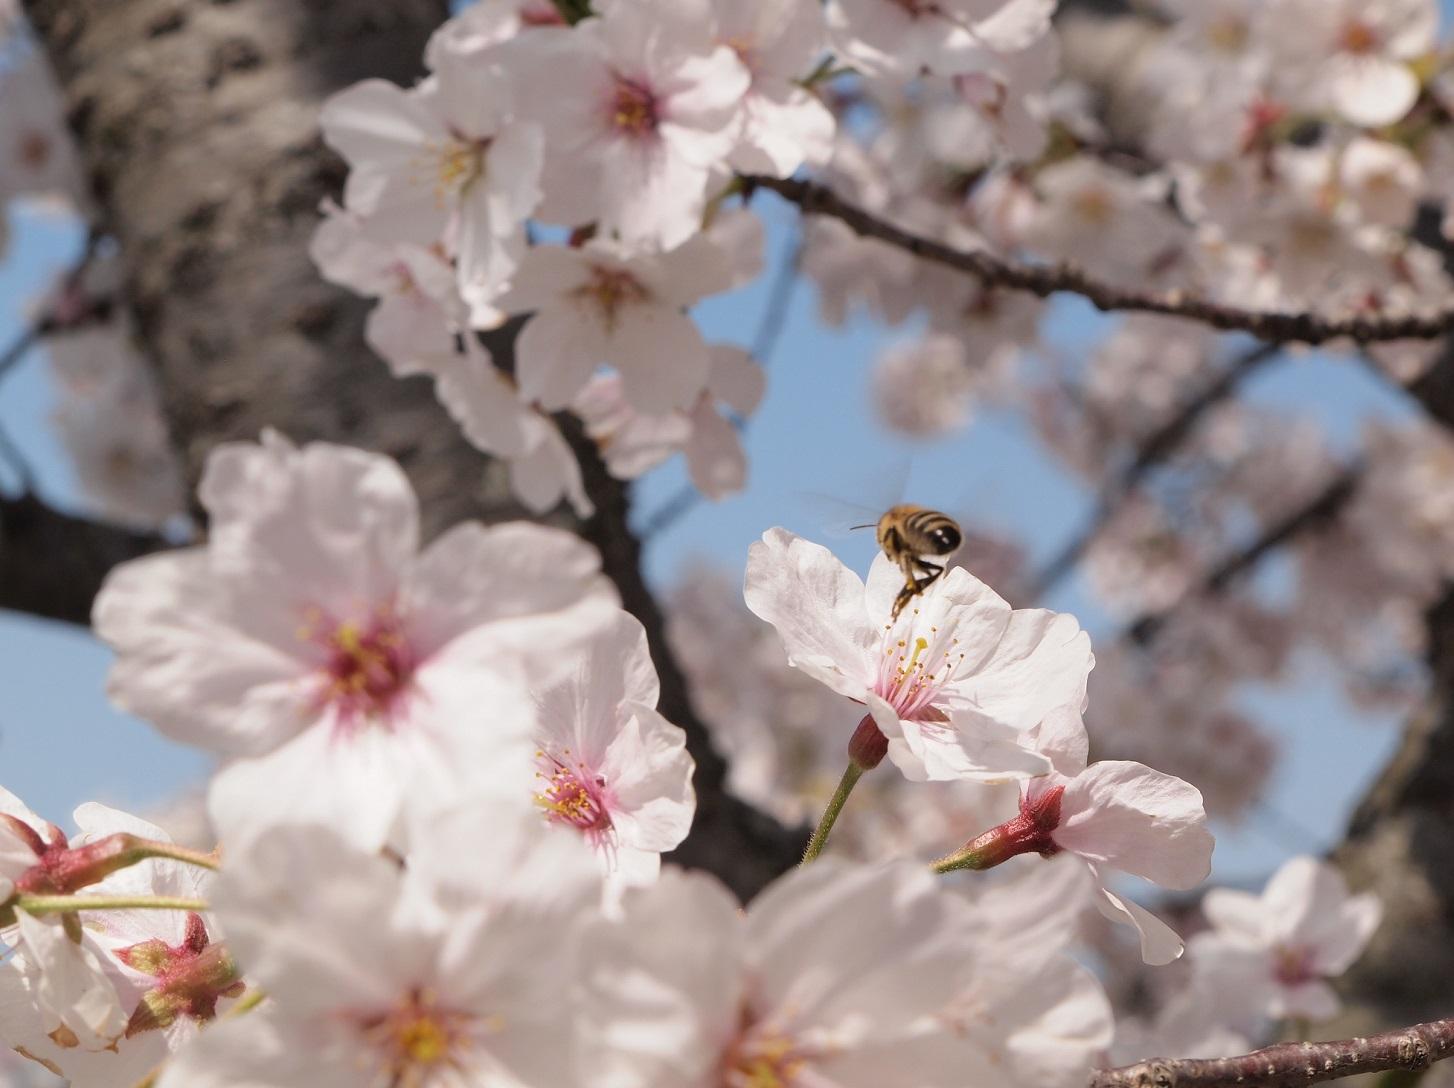 花粉ニモマケズ、コロナニモマケズ